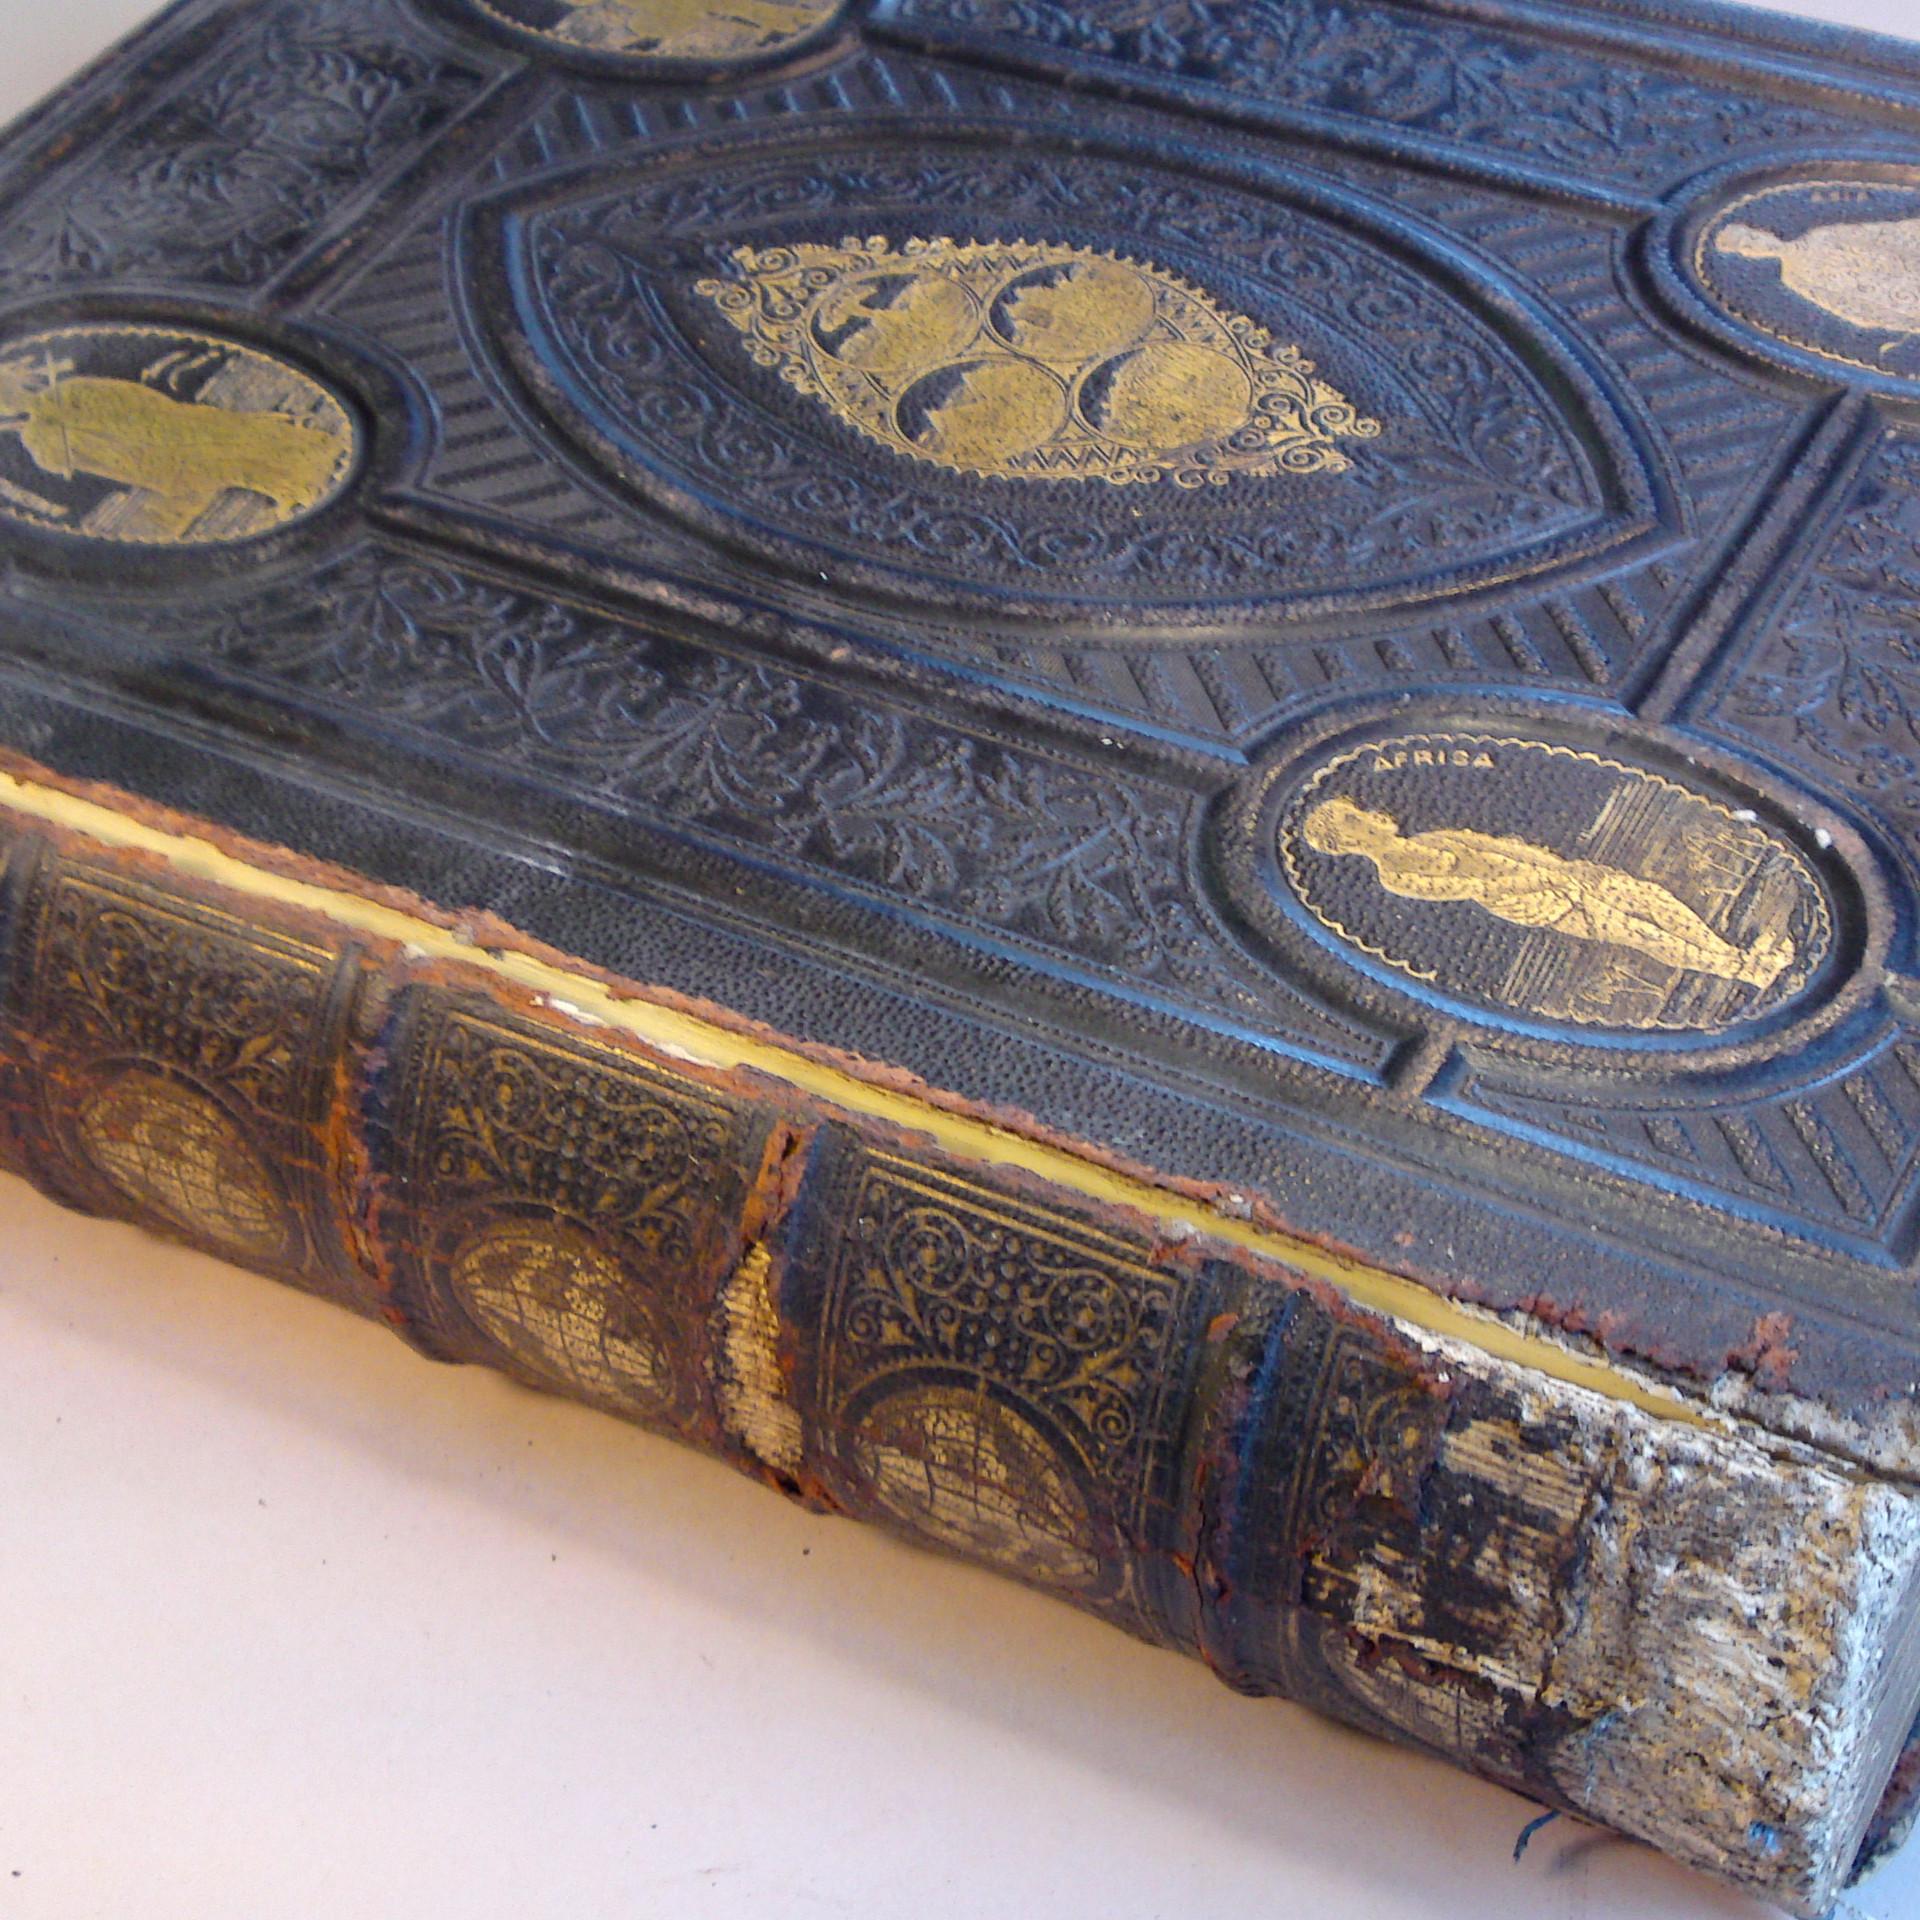 Family Bible Repair 2 - Before